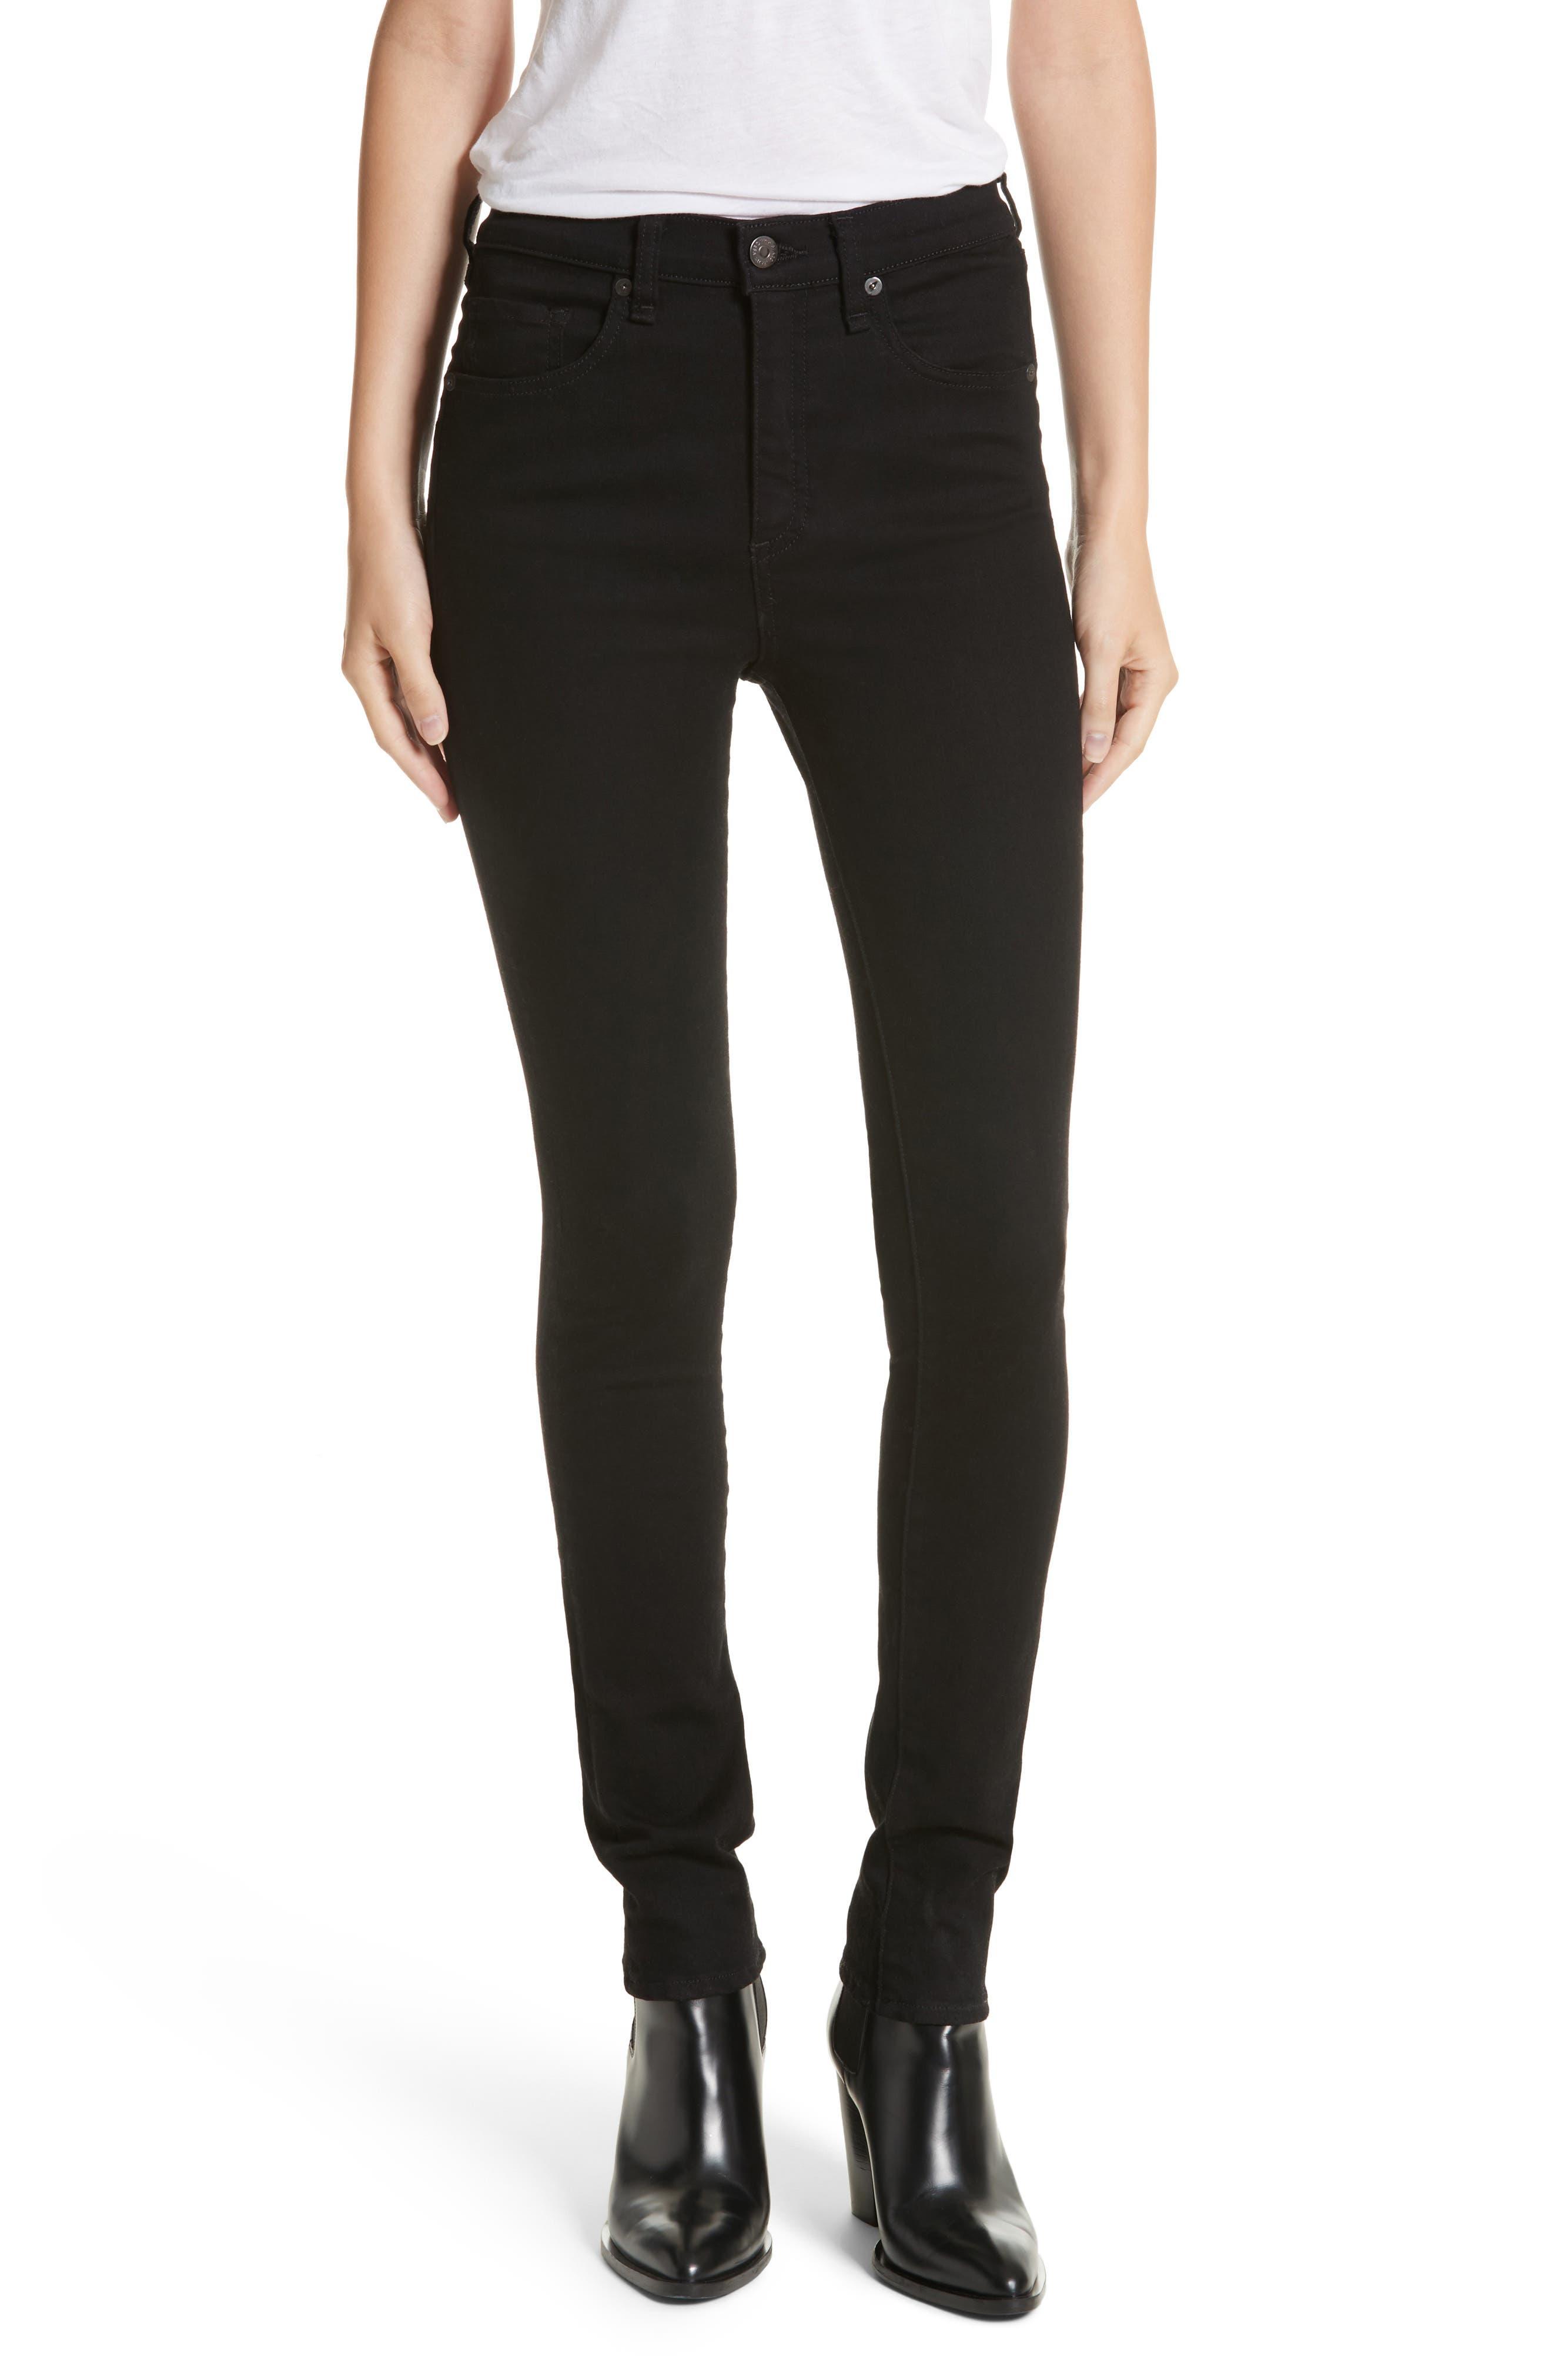 Kate 10 Skinny Jeans,                             Main thumbnail 1, color,                             RAVEN